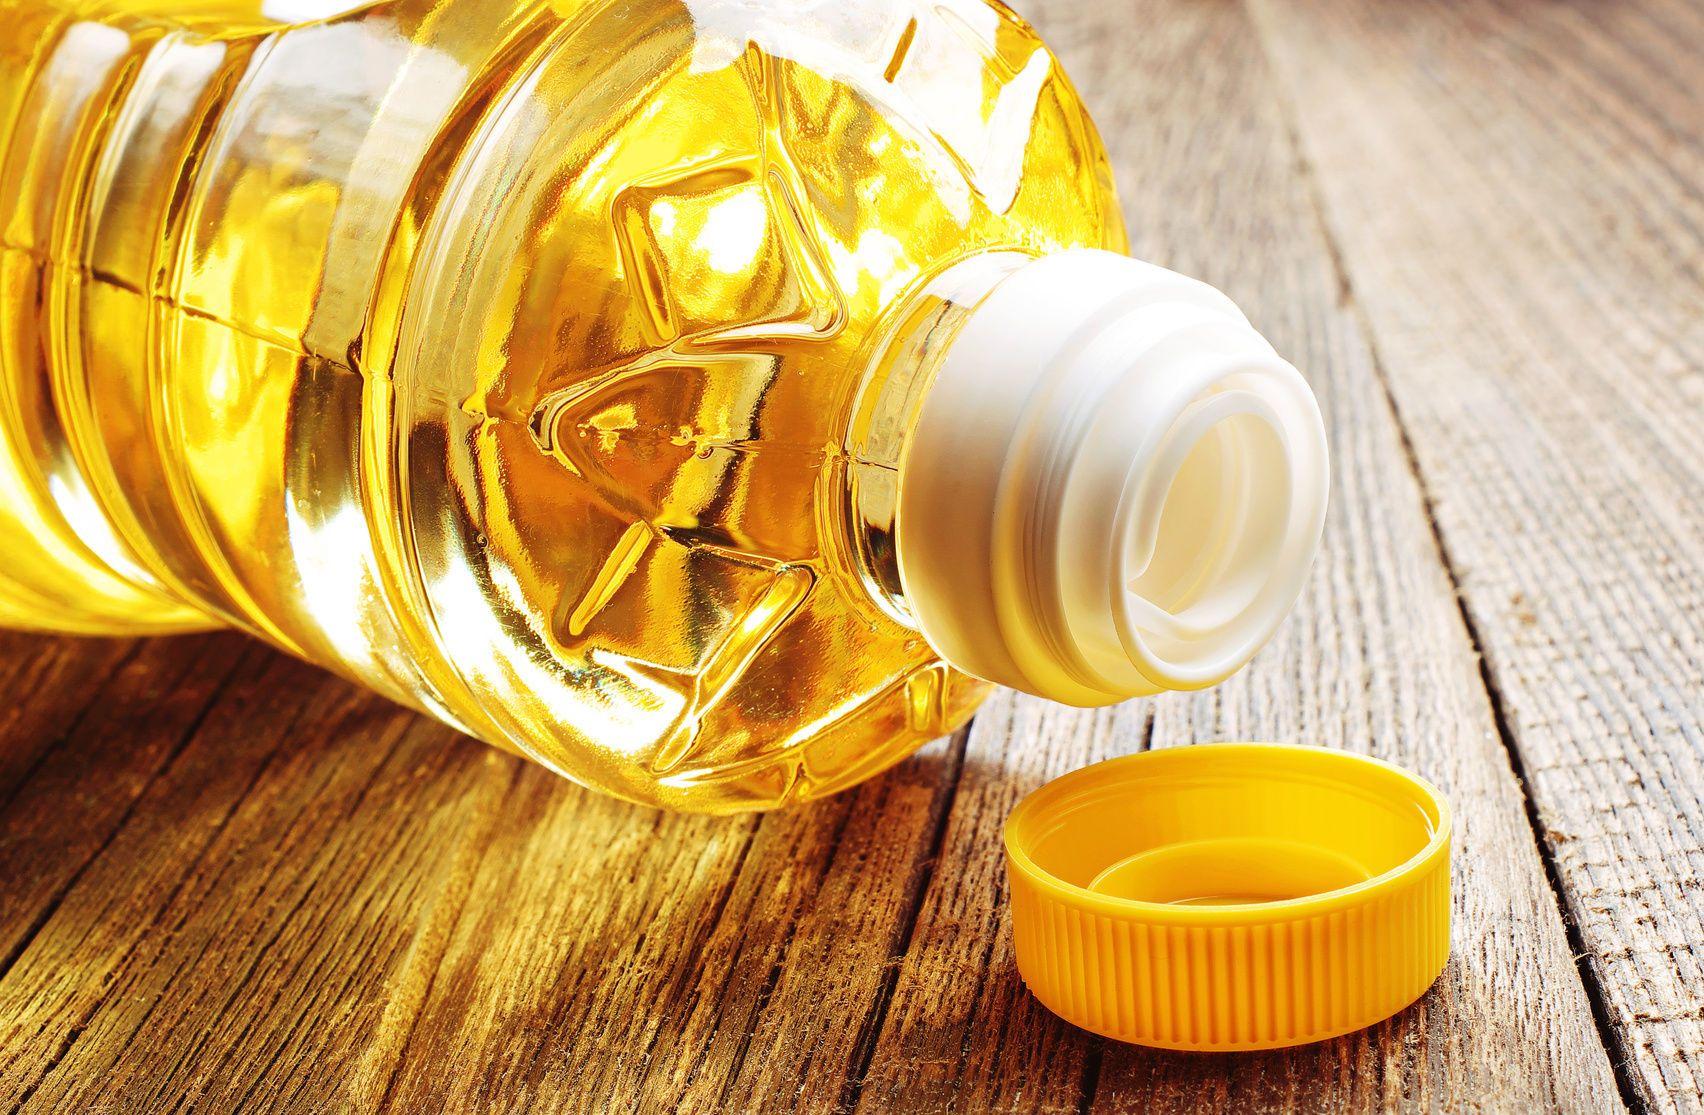 Lý do dầu thực vật có thể không tốt cho sức khỏe - http://links.daikynguyenvn.com/Yl6sQ